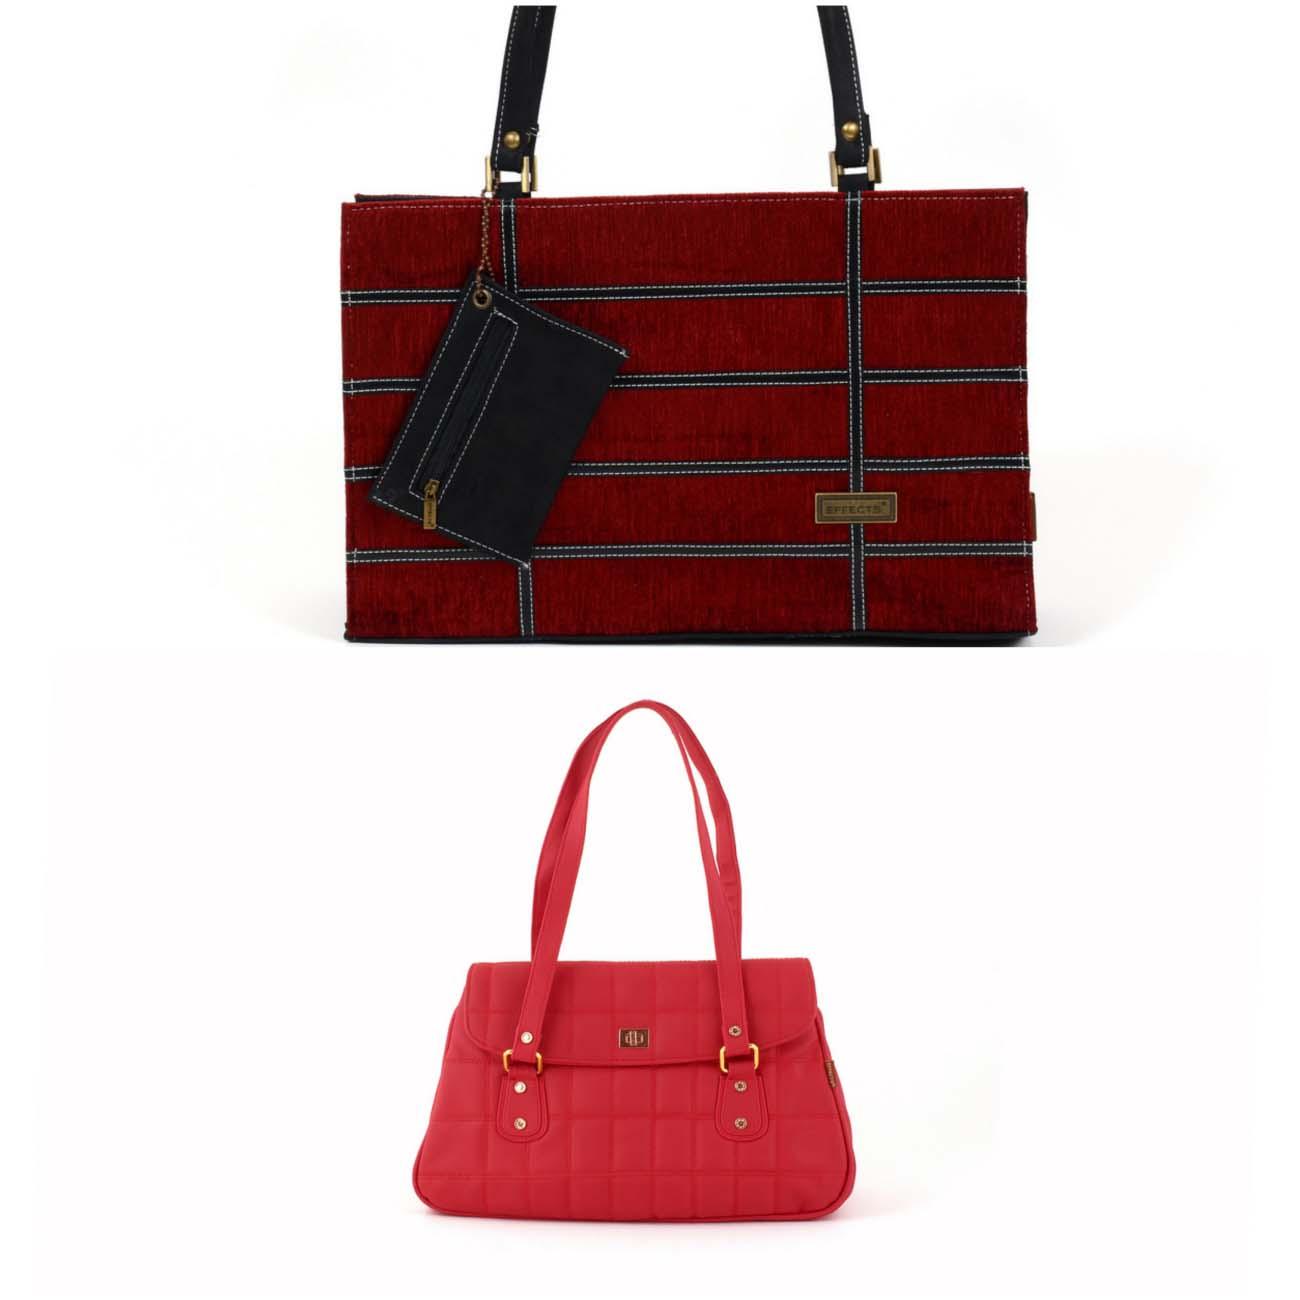 Best ECS Handbags & Clutches For Girls 2016